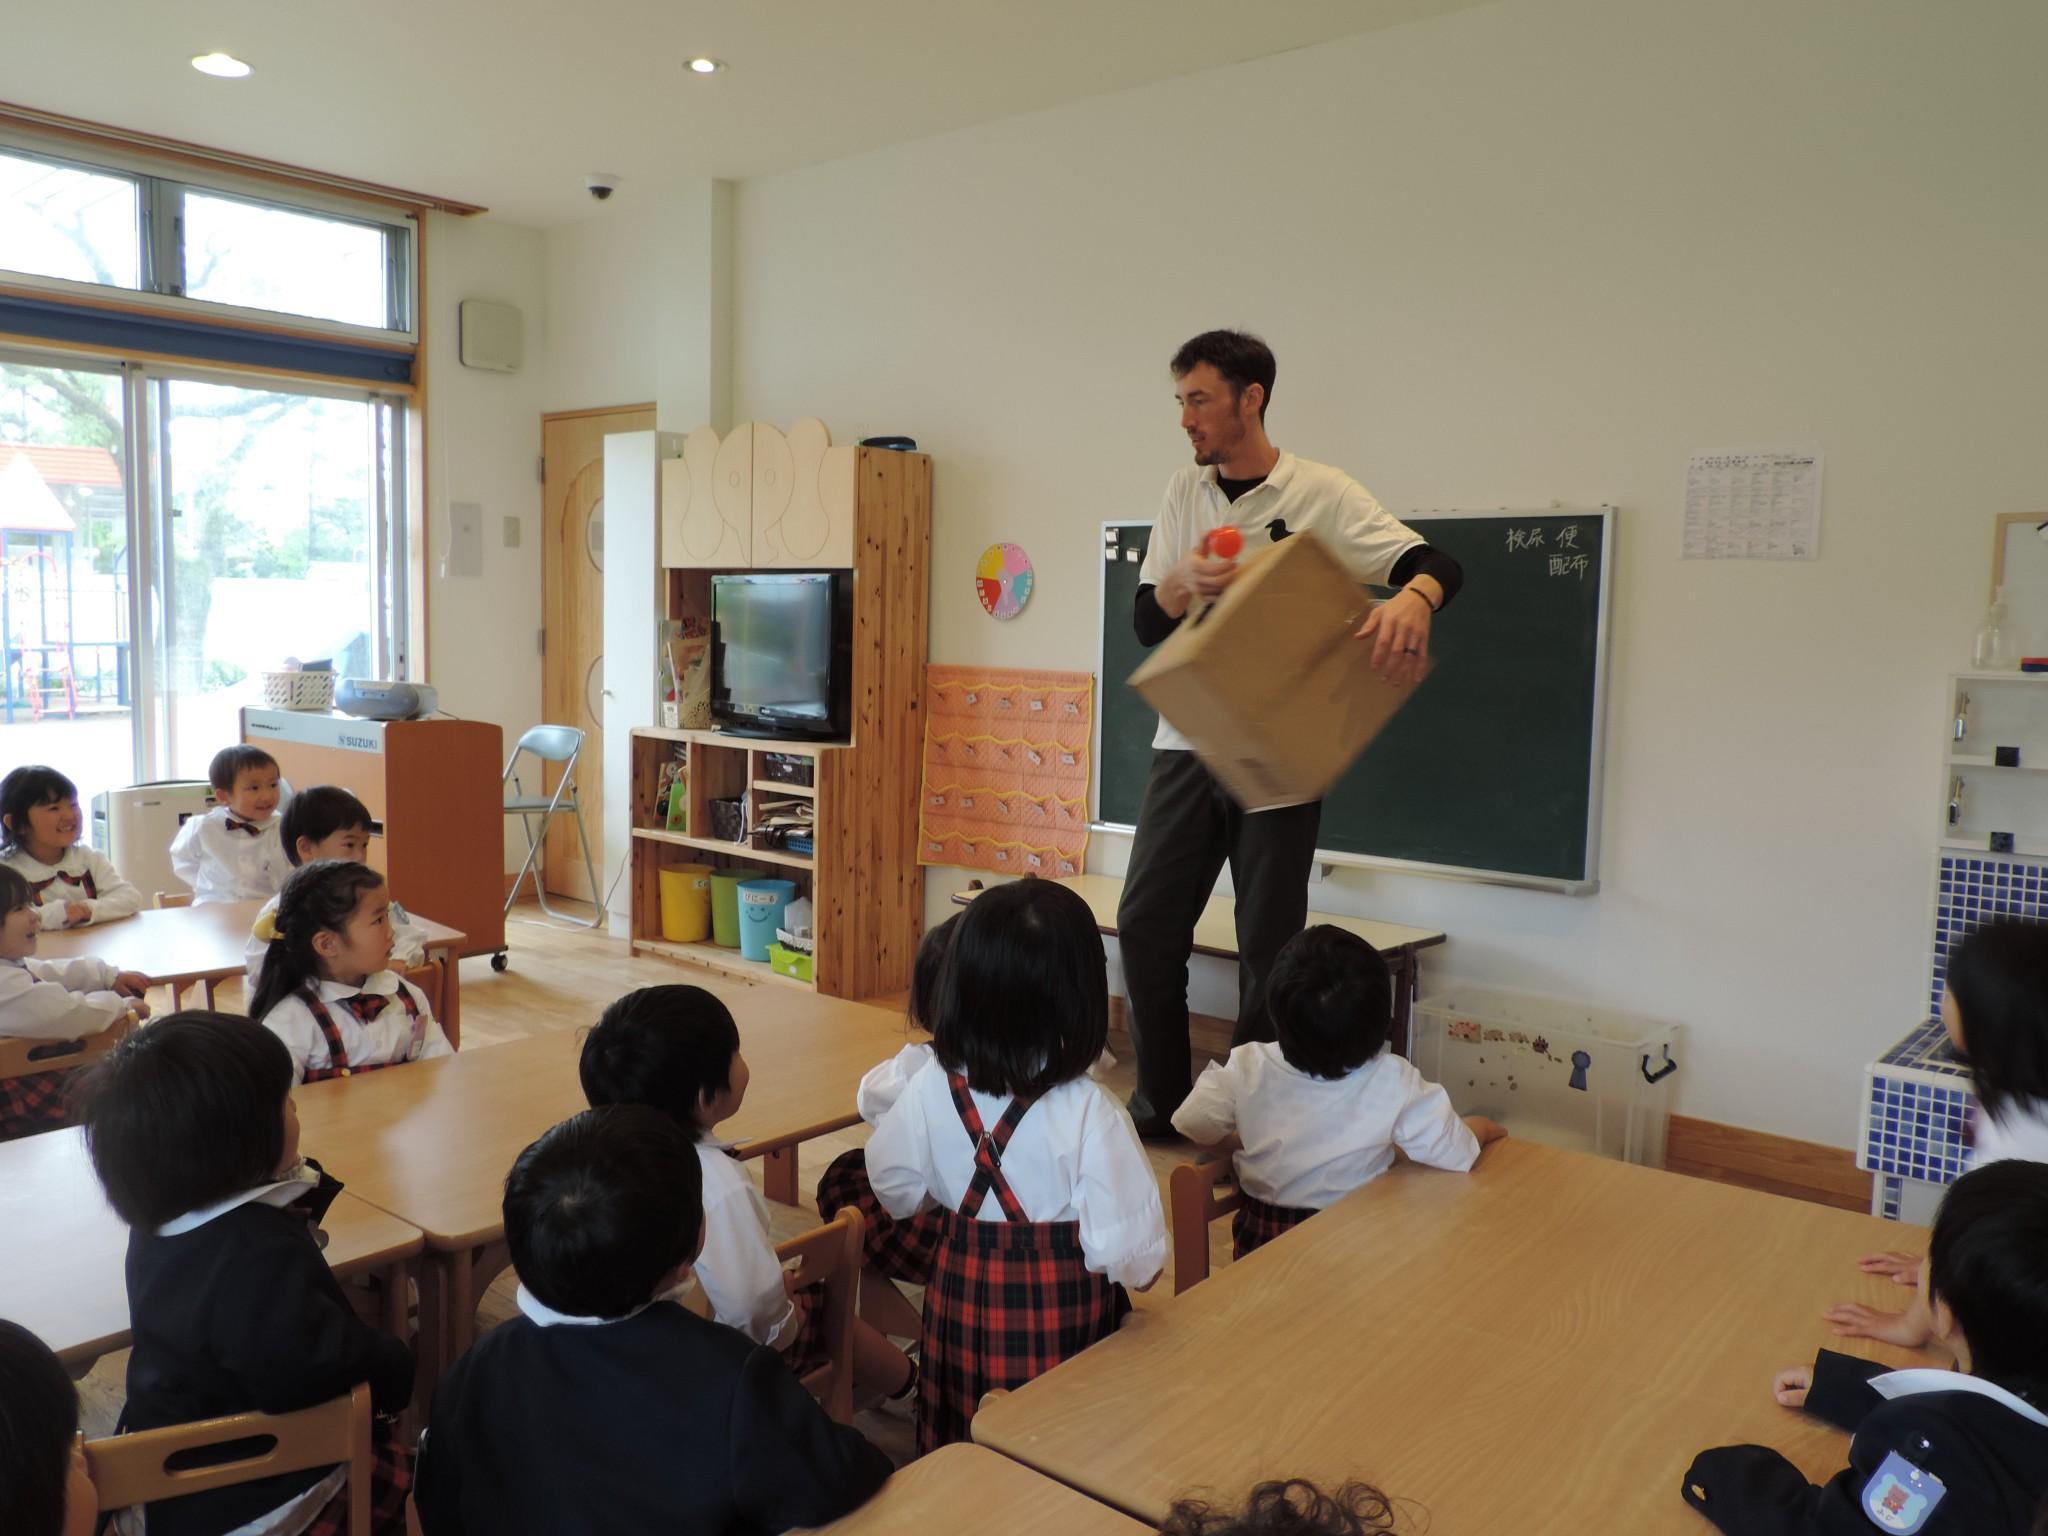 英語で遊ぼう!   鹿児島県志布志にある幼稚園 しぶし幼稚園